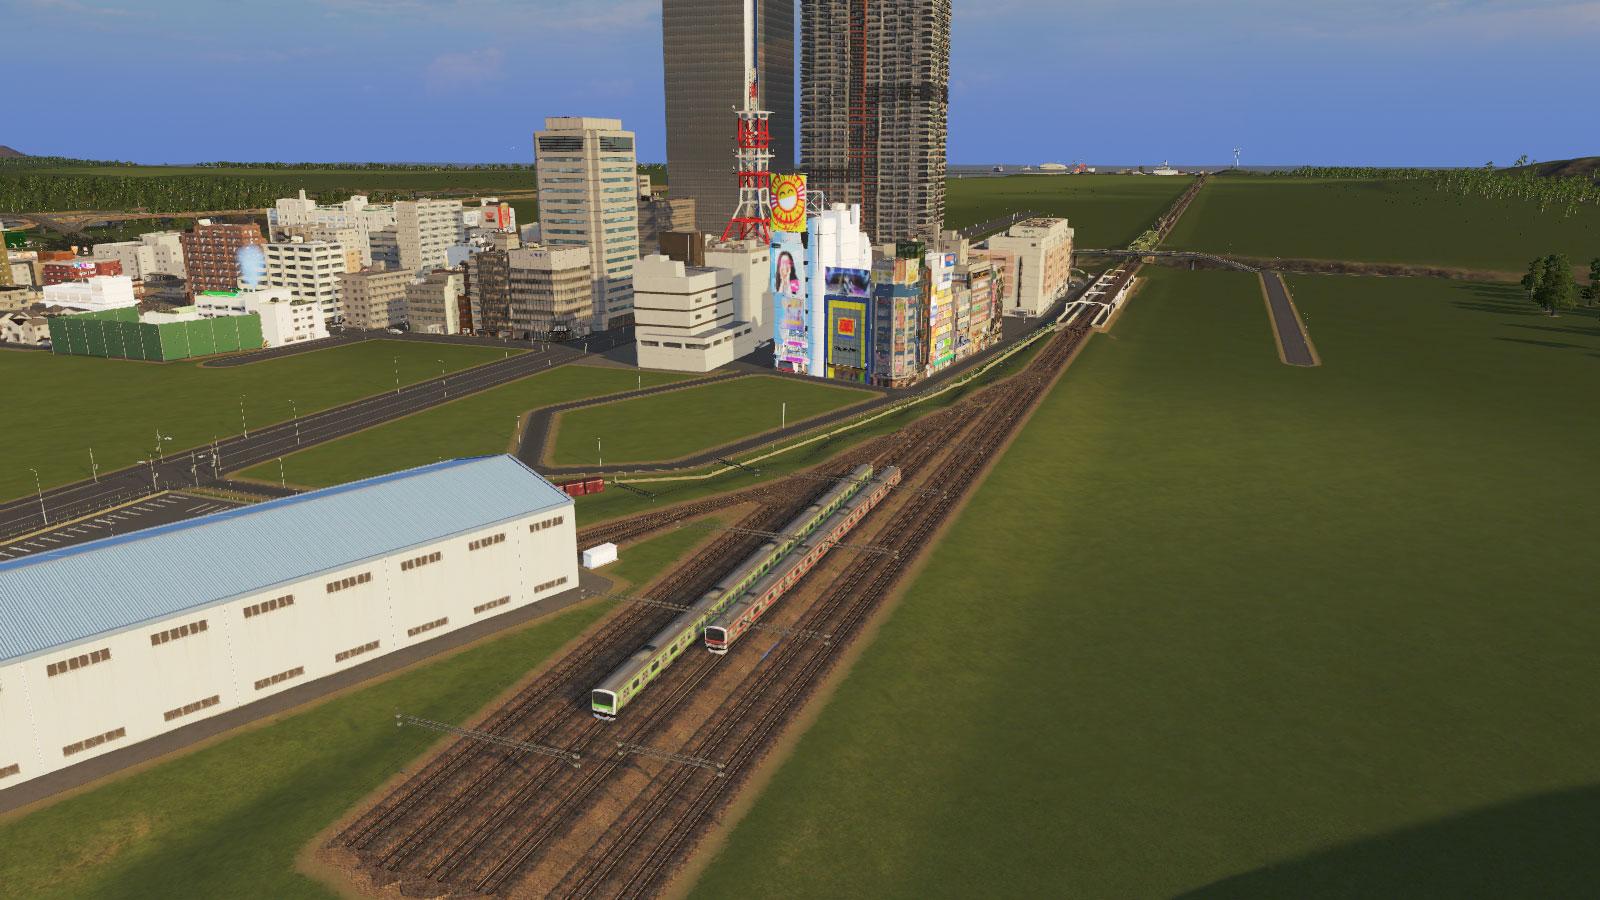 Cities_Skylines-2470